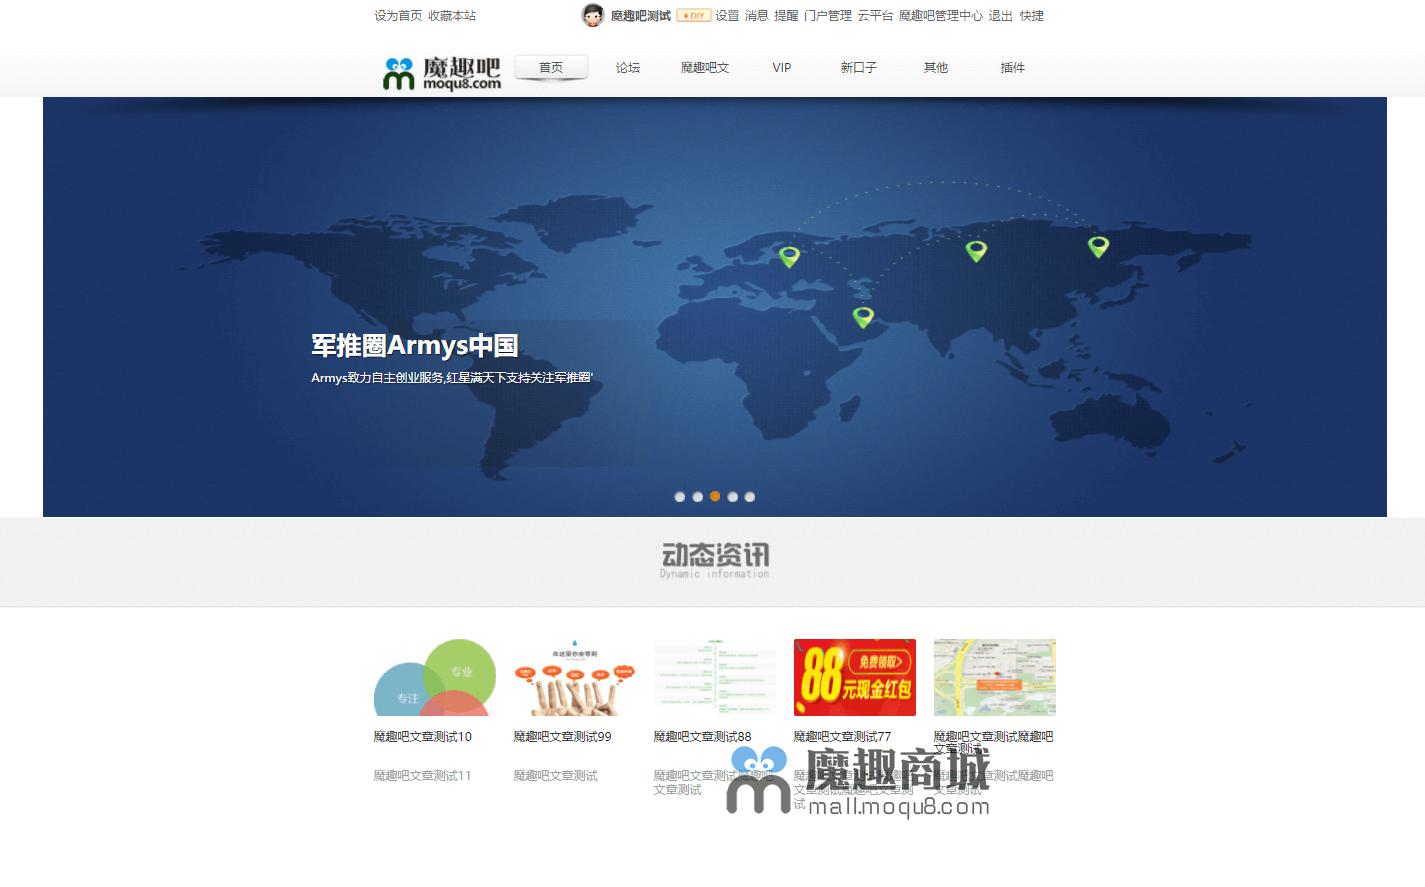 炫酷全屏暗影风格国际企业模板